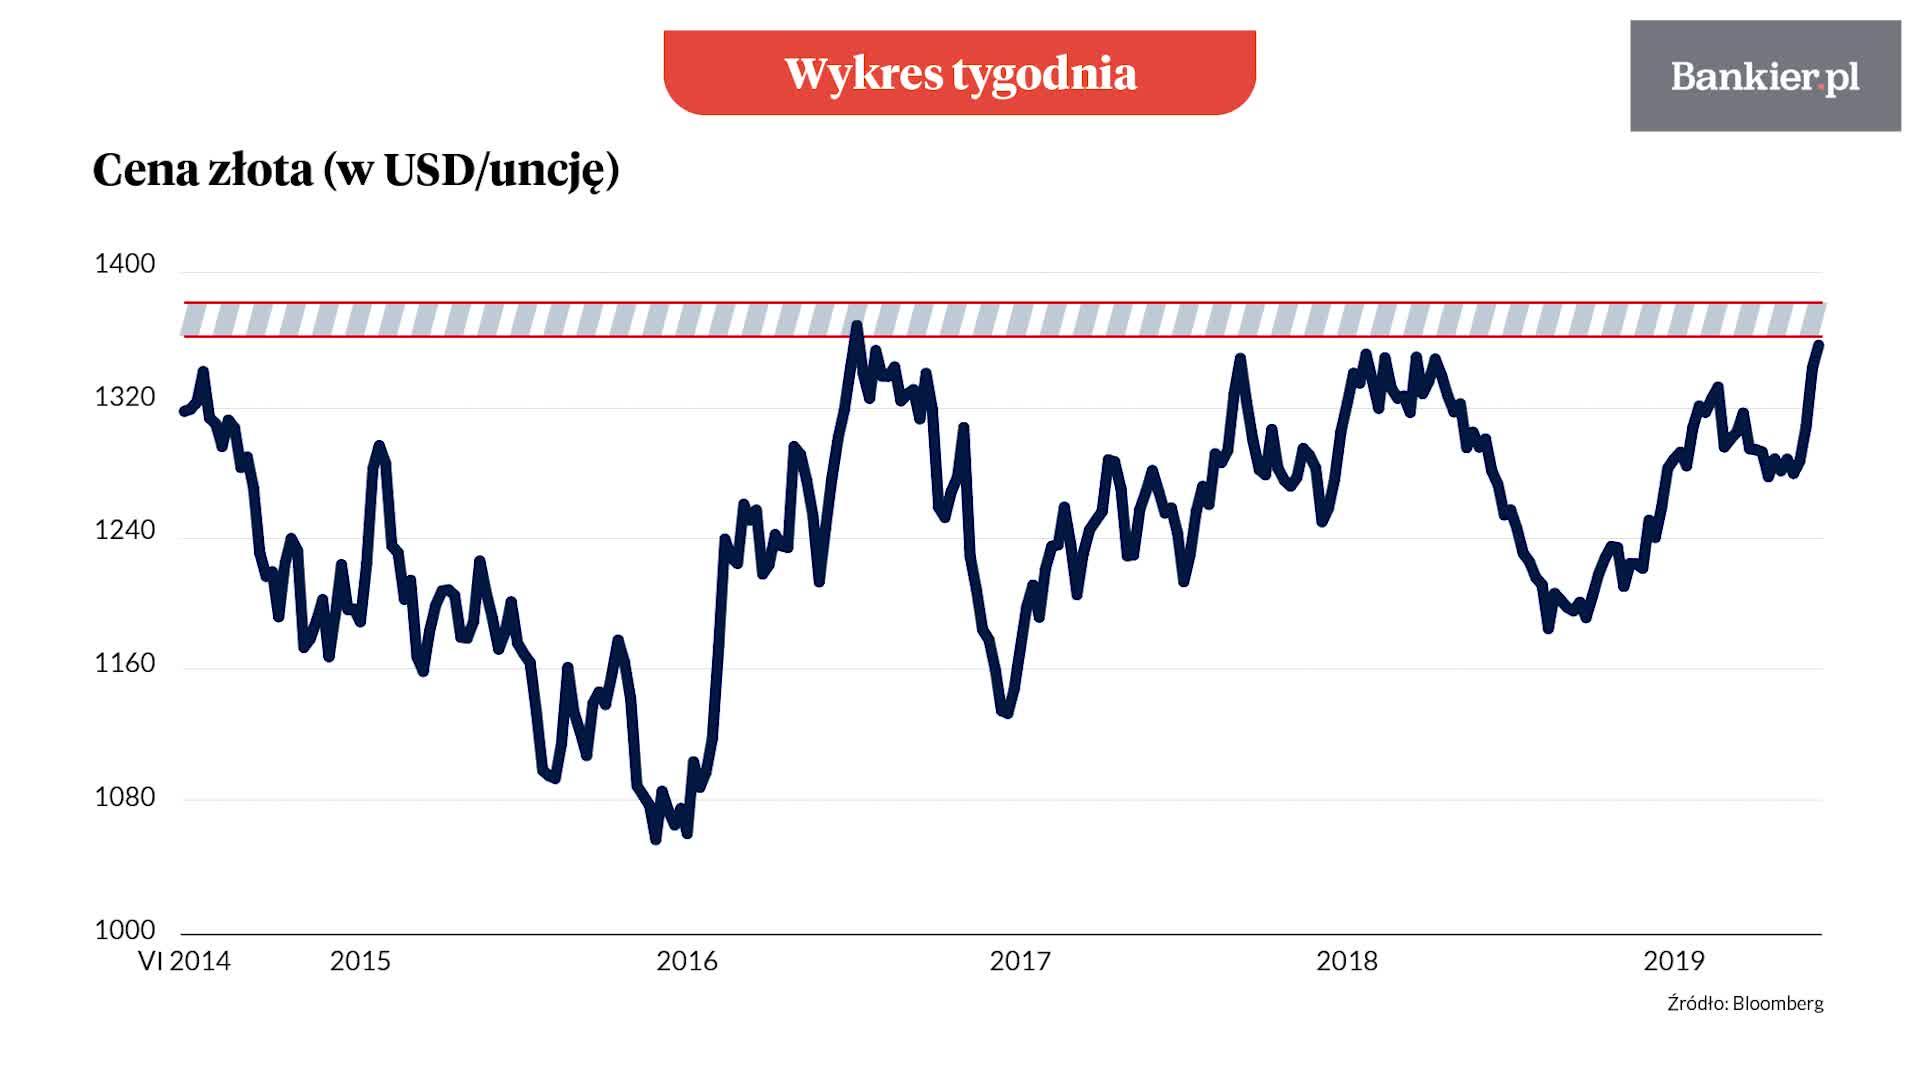 Wykres tygodnia: Kurs złota dotarł do oporu